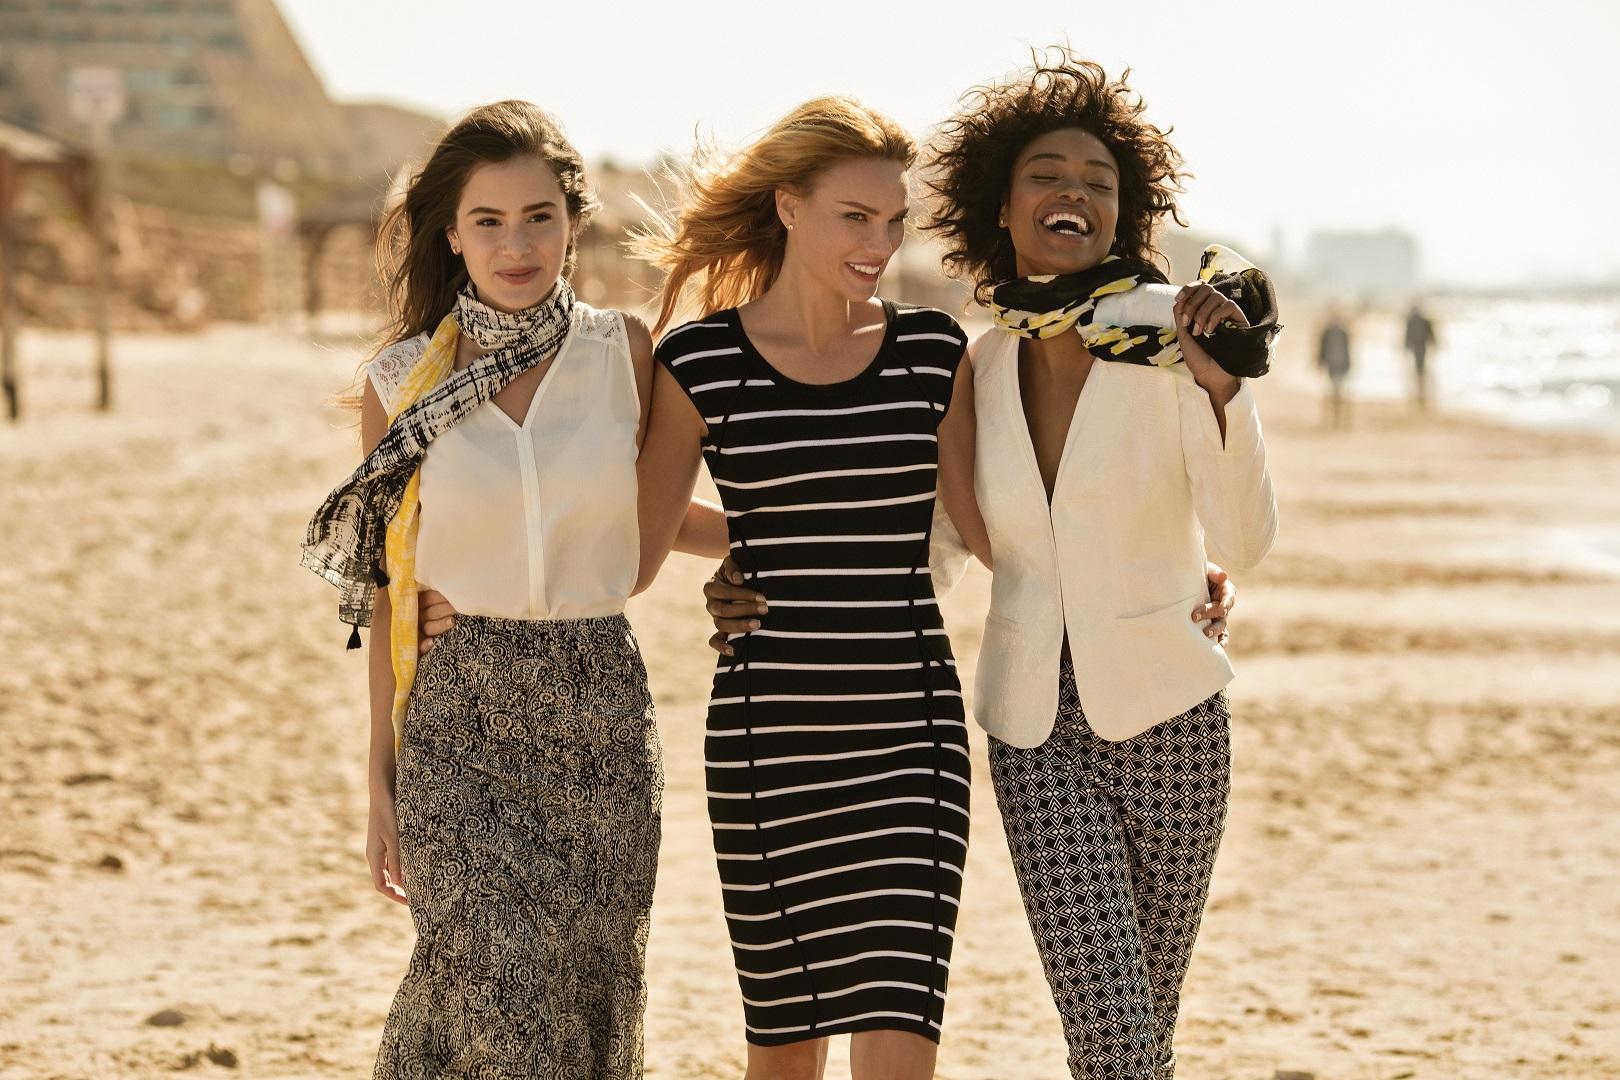 Весна снова в моде: первые модели из новой весенней коллекции Crazy Line уже в магазинах